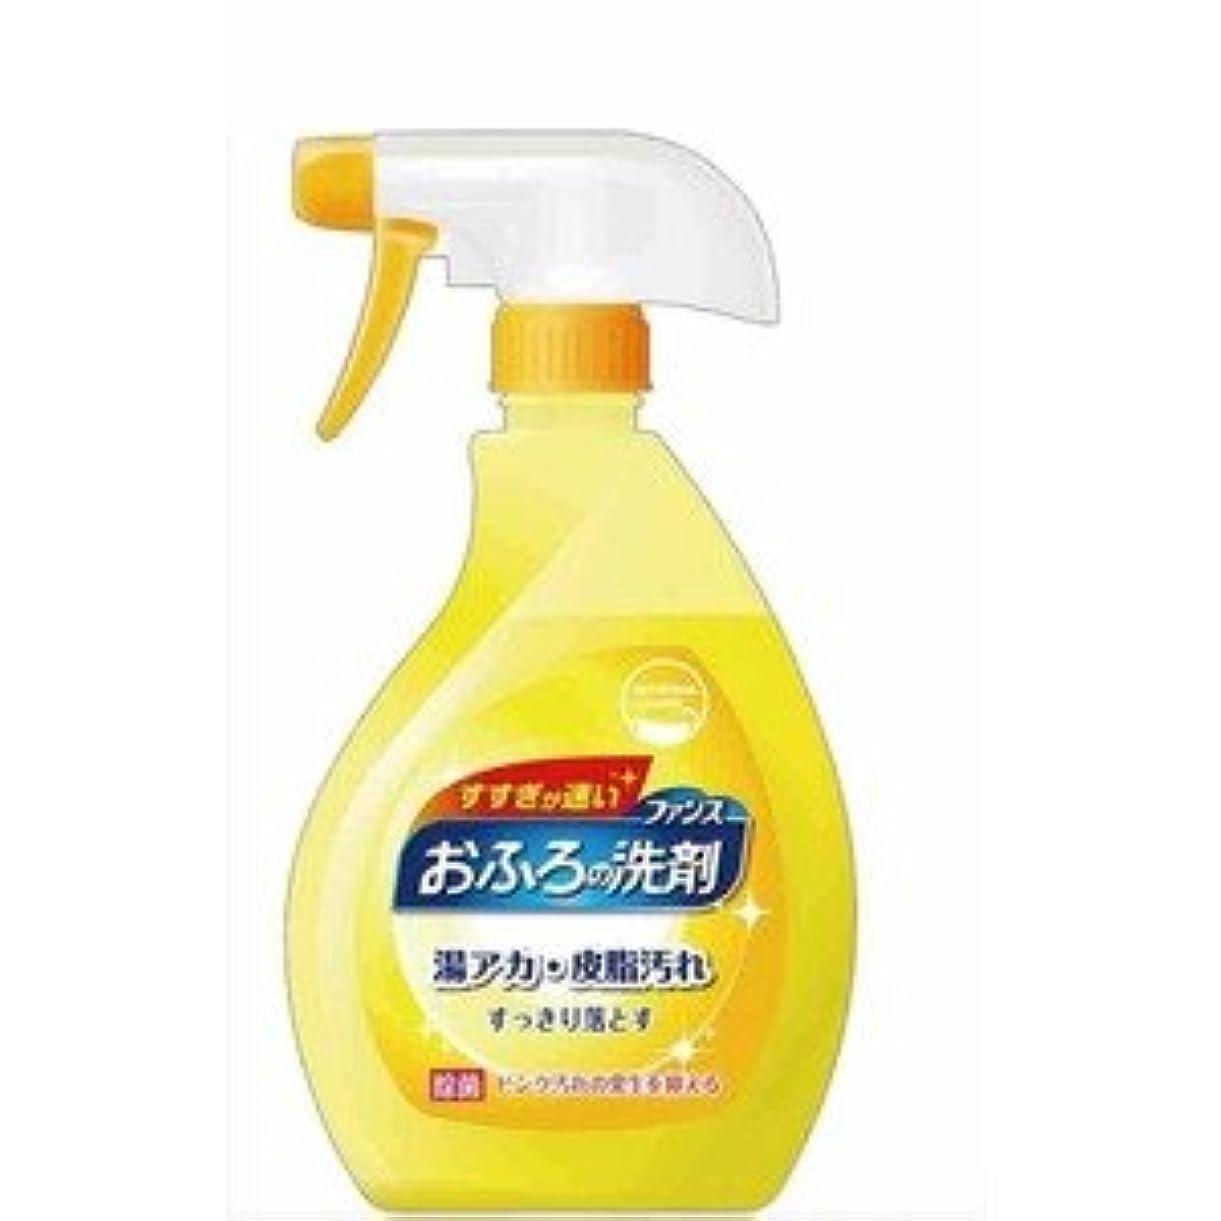 乱れ啓示形ルファンスおふろの洗剤オレンジミント本体380ml 46-238 【120個セット】